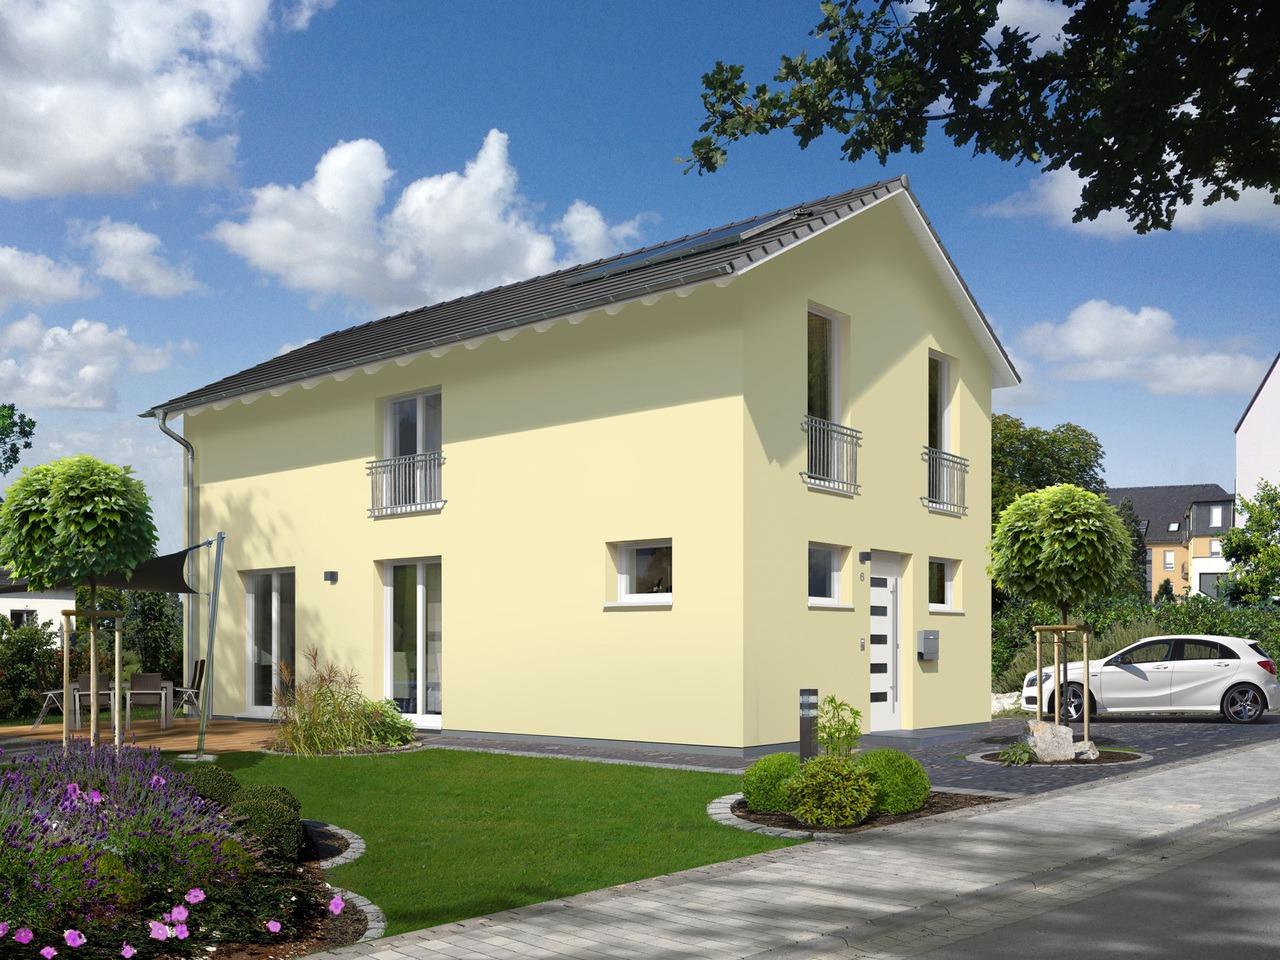 Haus Aura 125 - Frank Schüppler - Town & Country